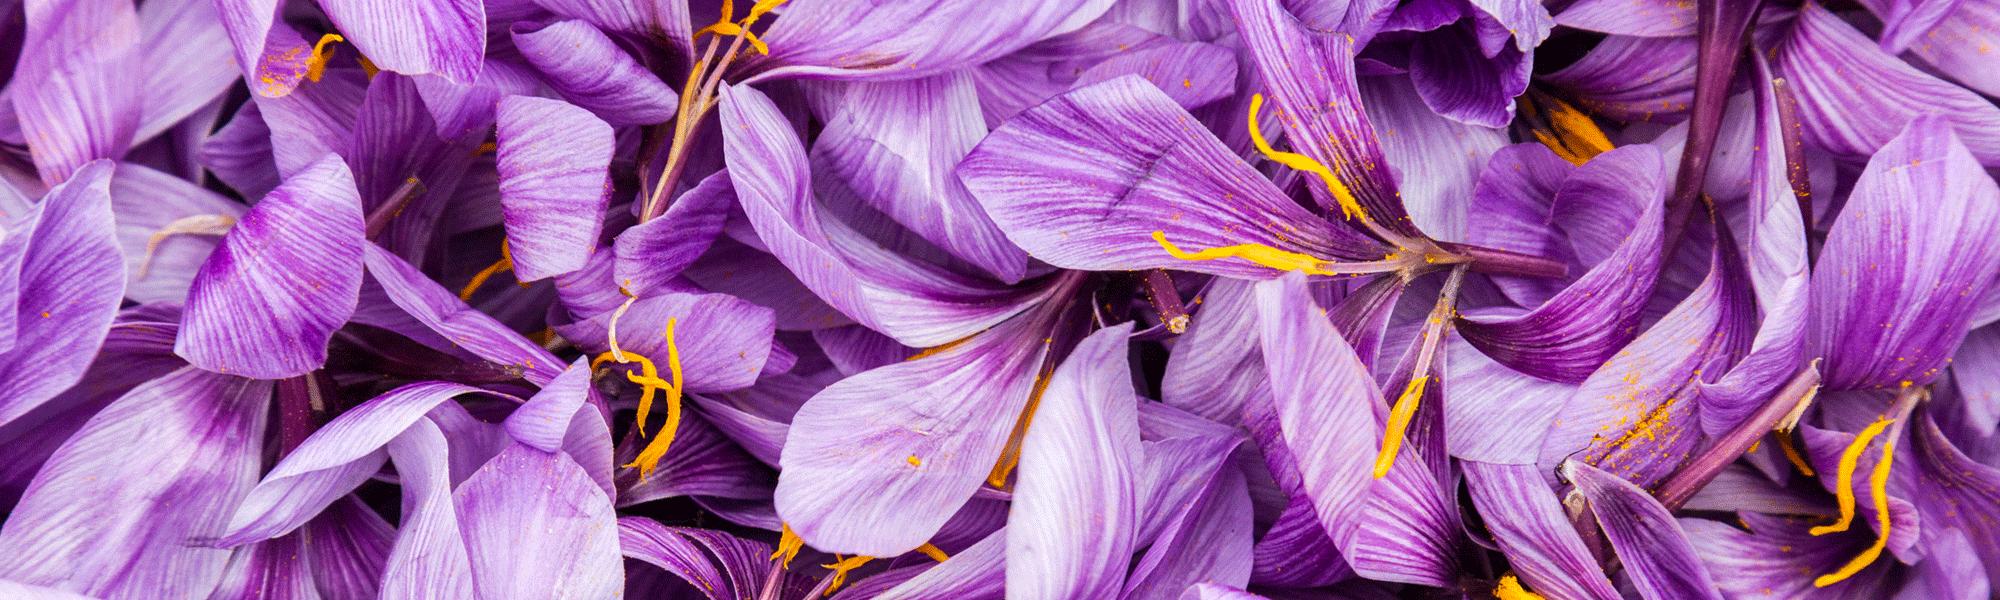 fleurs de crocus sativus safran toit de paris